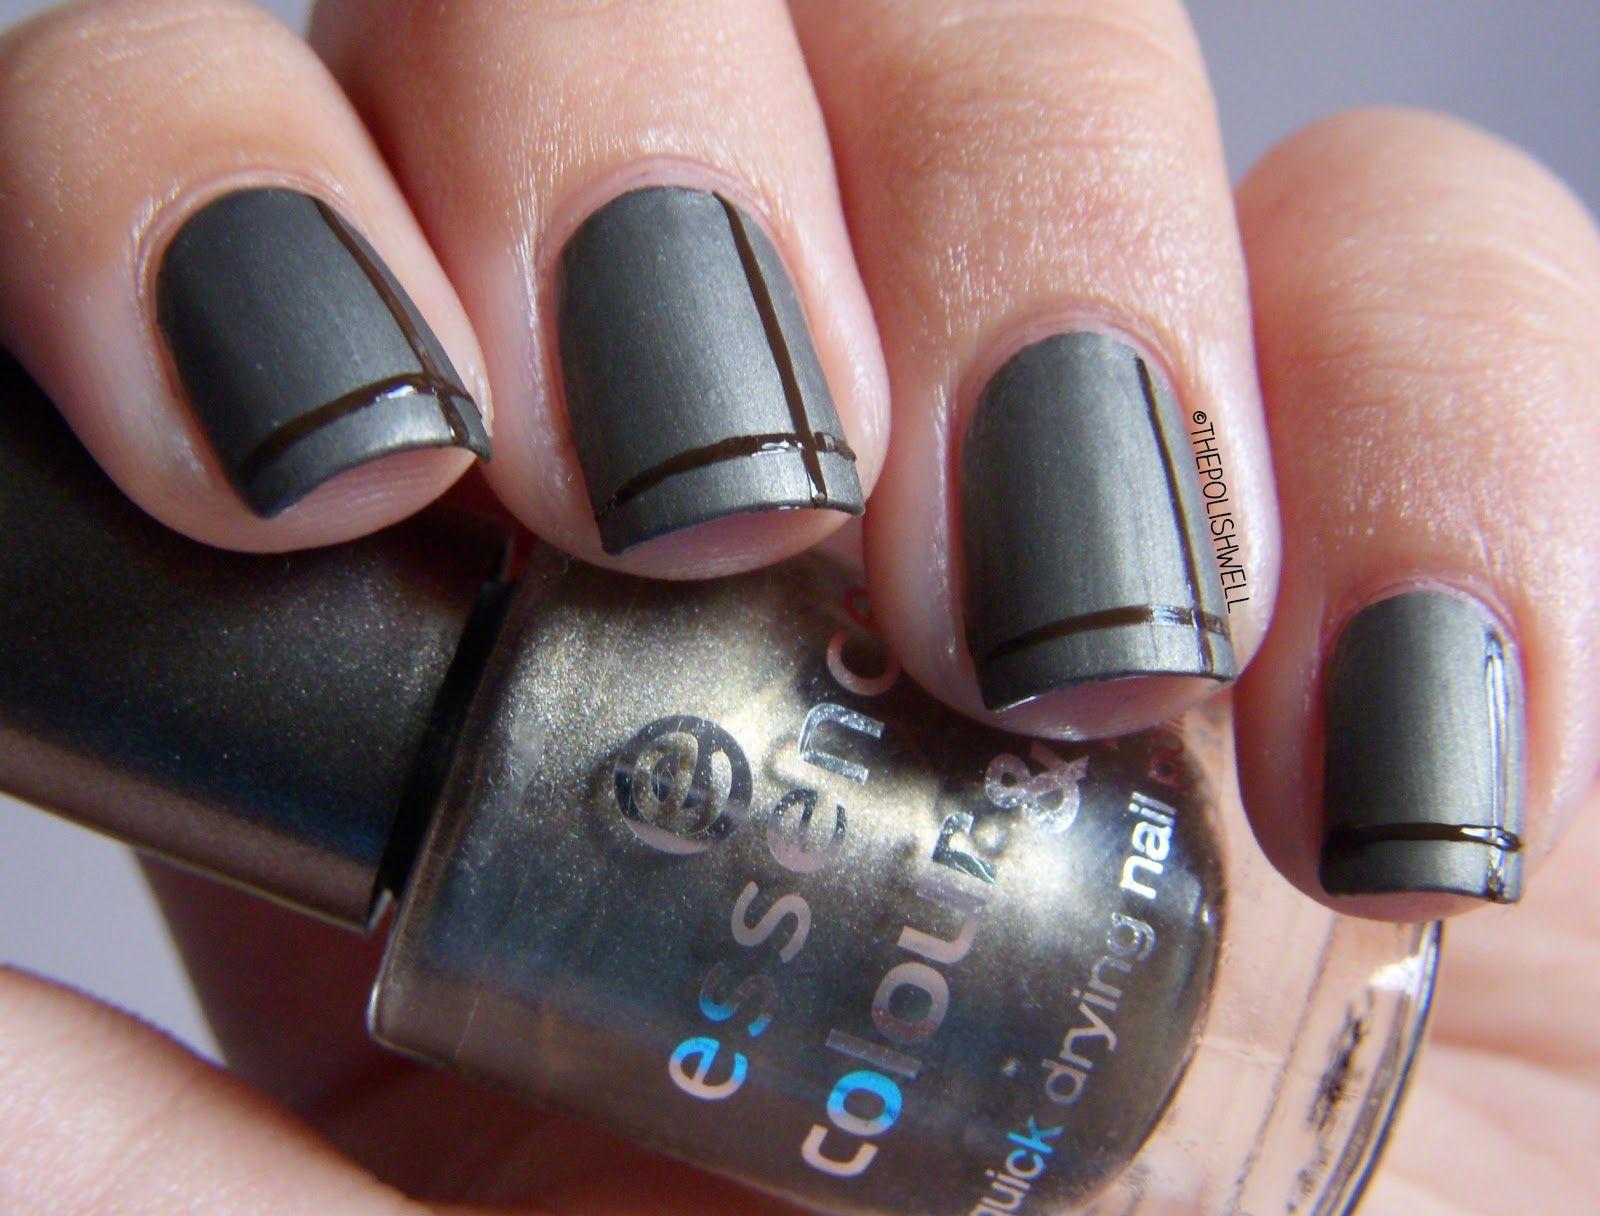 elegant acrylic nail art - Google Search | Nails! Nails¡ Nails ...